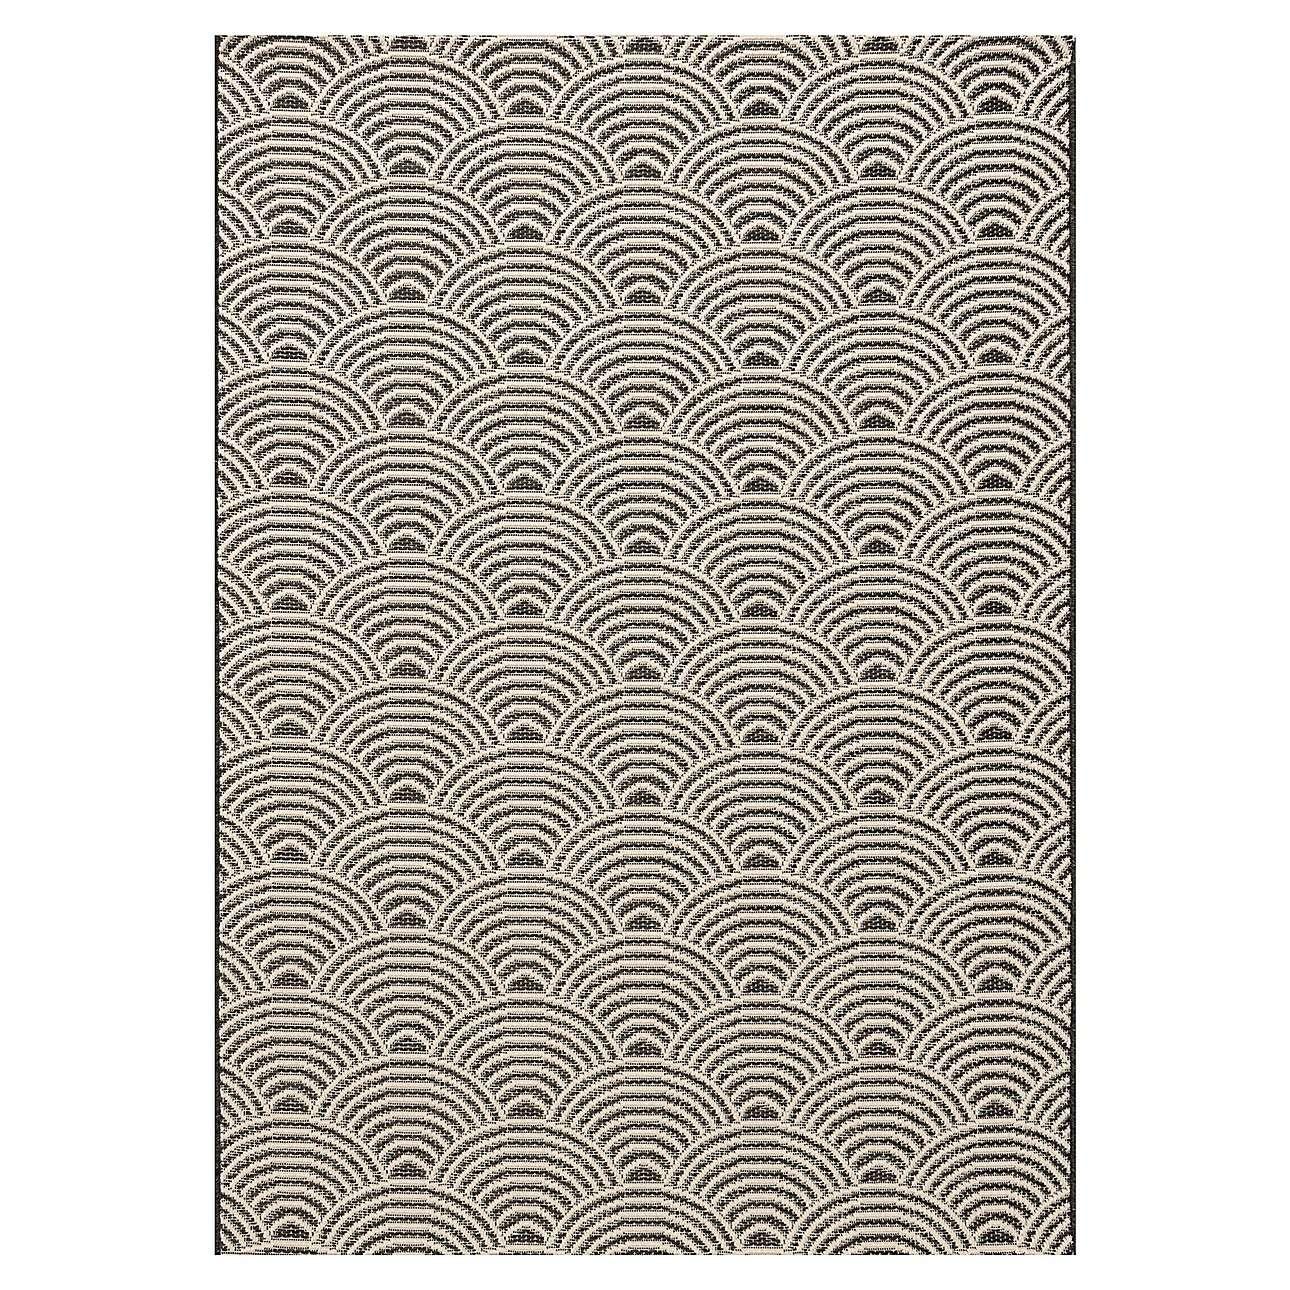 Koberec Jersey Home wool/black 120x170cm